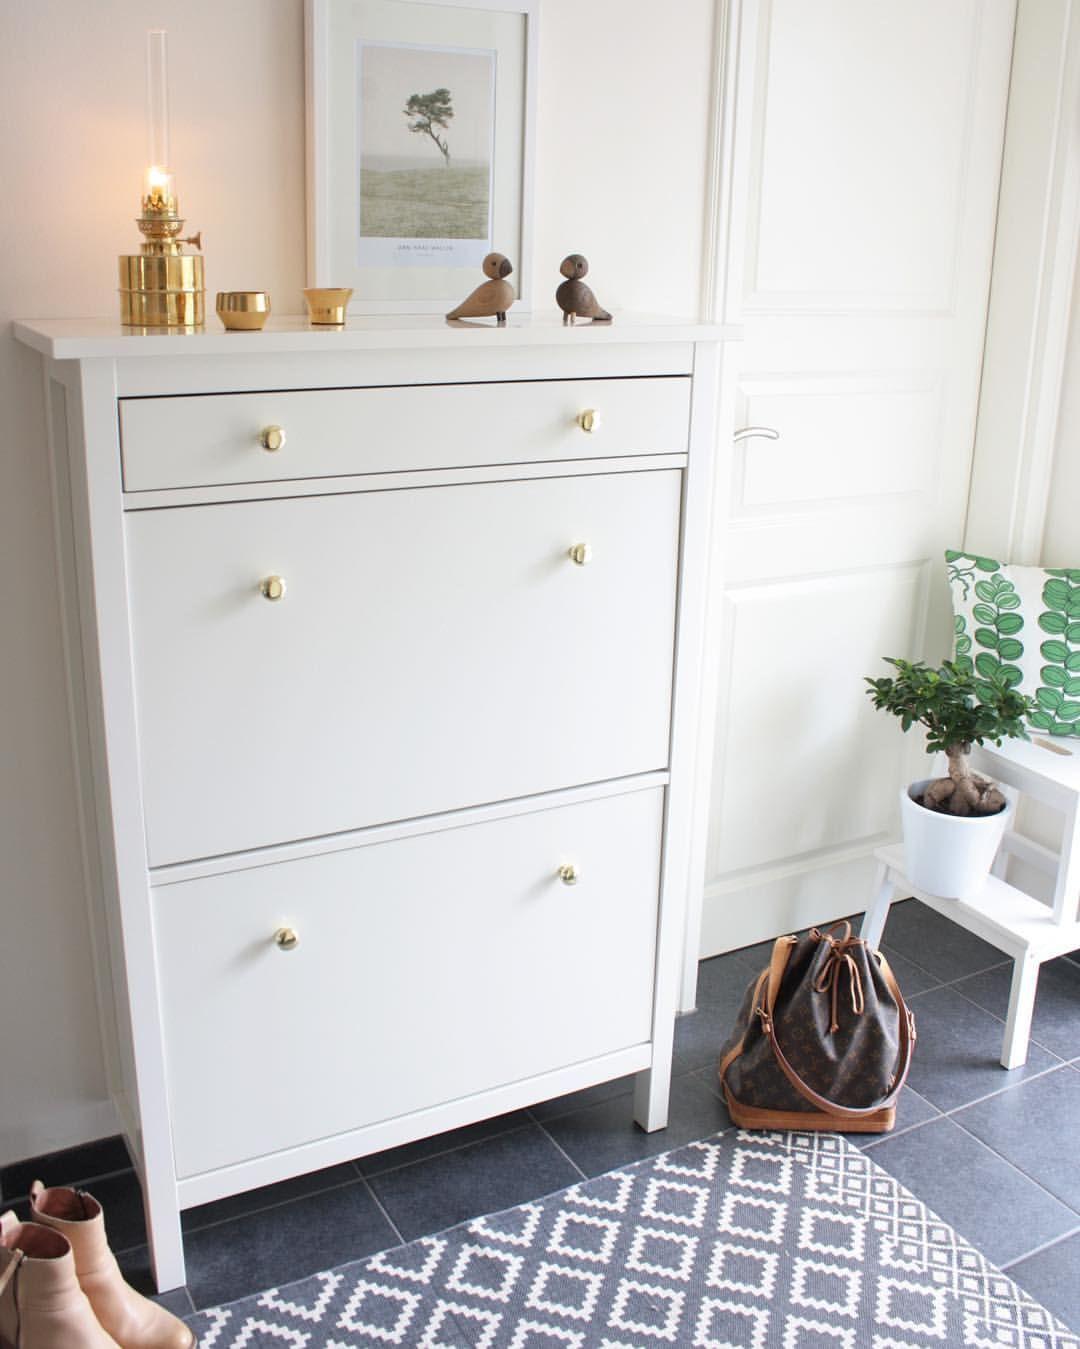 Hallo Meine Lieben Heute Gibt Es Ein Wenig Bling Bling Fur Den Schuhschrank Durch Das Austauschen Der Griffe Ikea Hemnes Shoe Cabinet Home Shoe Cabinet